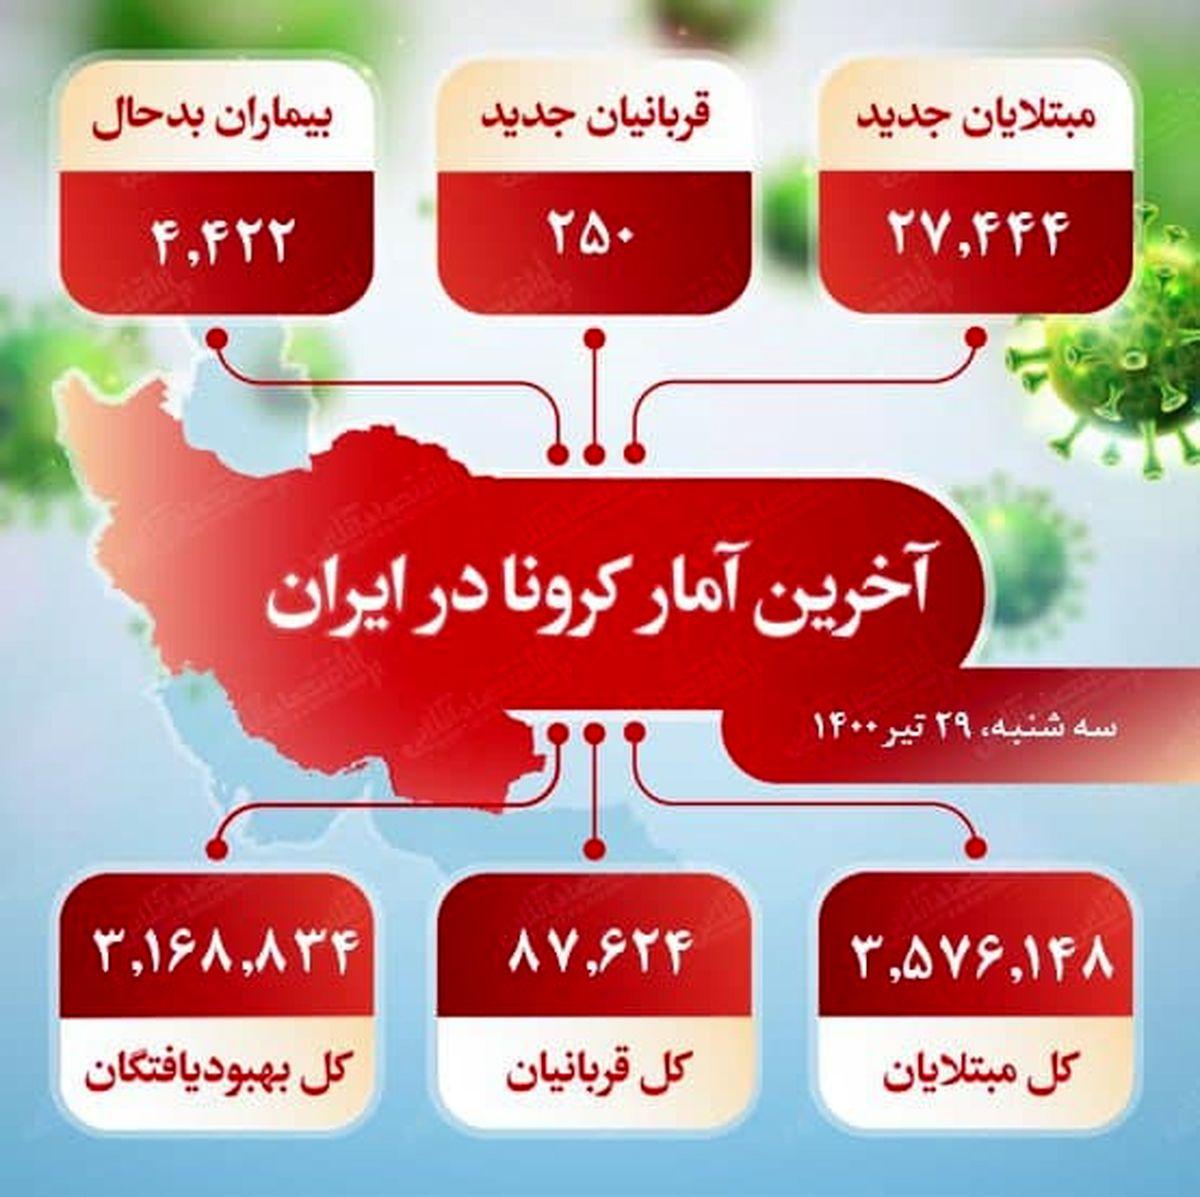 آخرین آمار کرونا در ایران (۱۴۰۰/۴/۲۹)